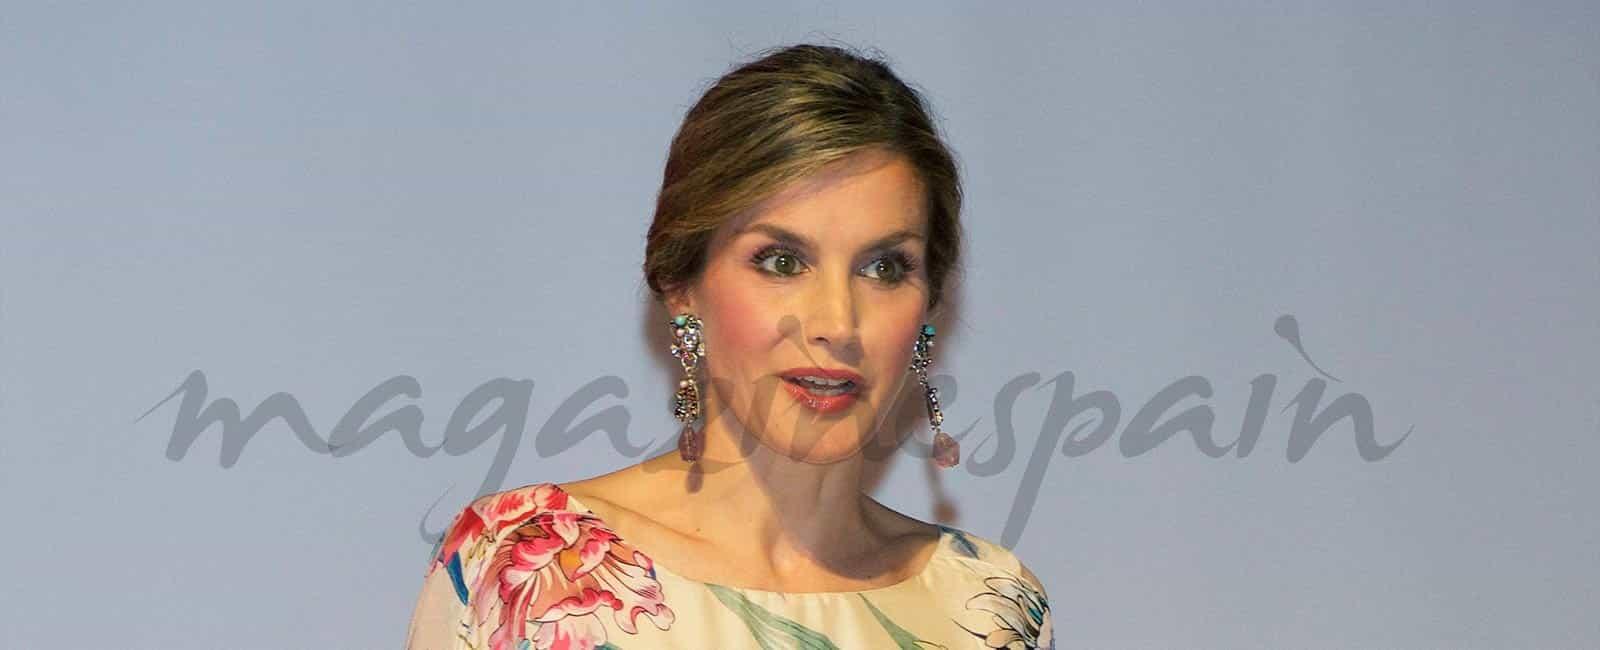 La reina Letizia en los Premios Nacionales de la Moda